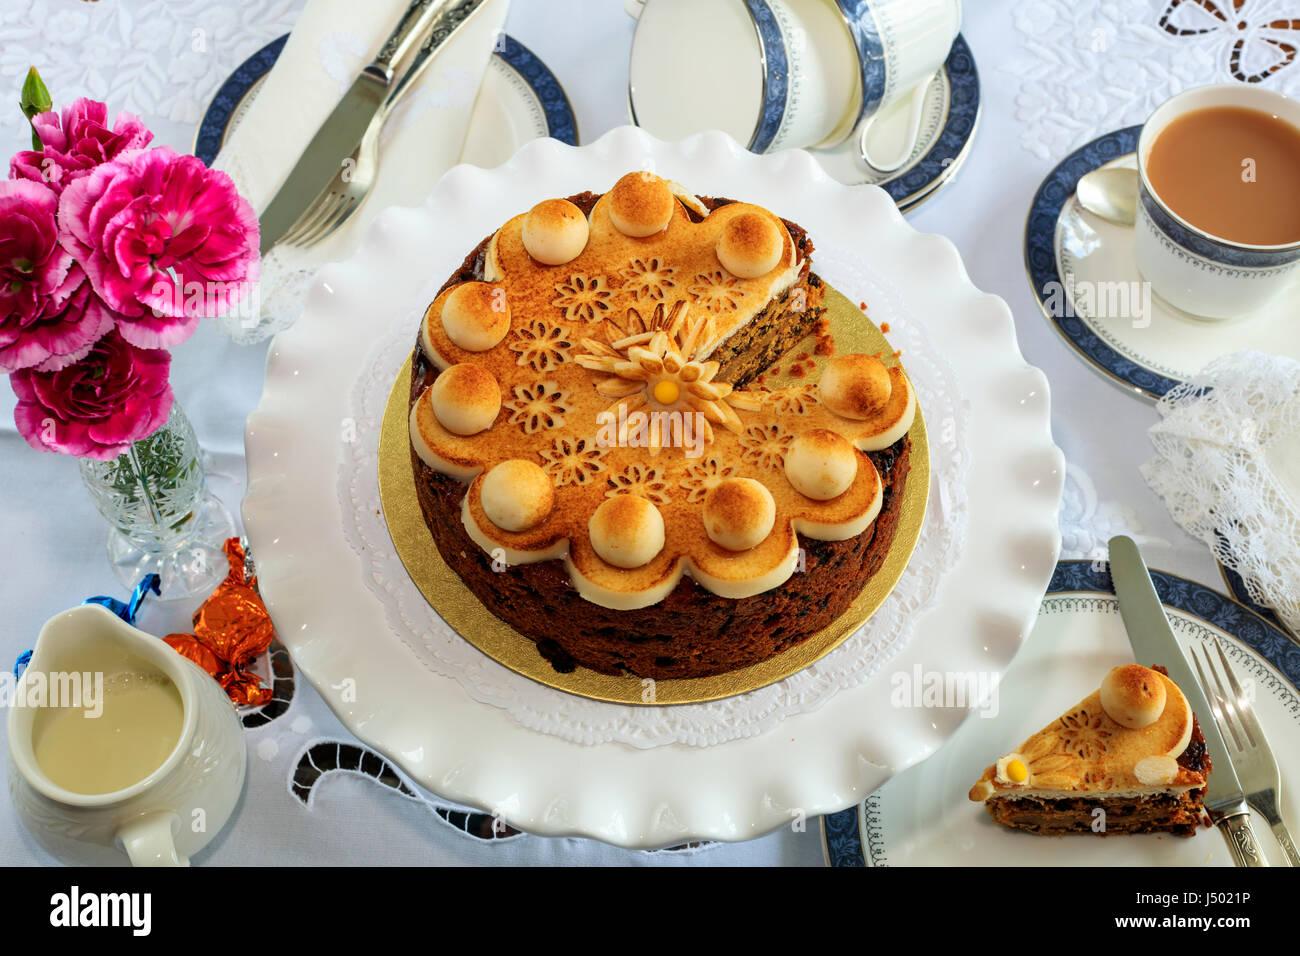 Simnel cake - Pascua tradicional pastel de frutas decorado con mazapán en una mesa puesta para el té. Imagen De Stock